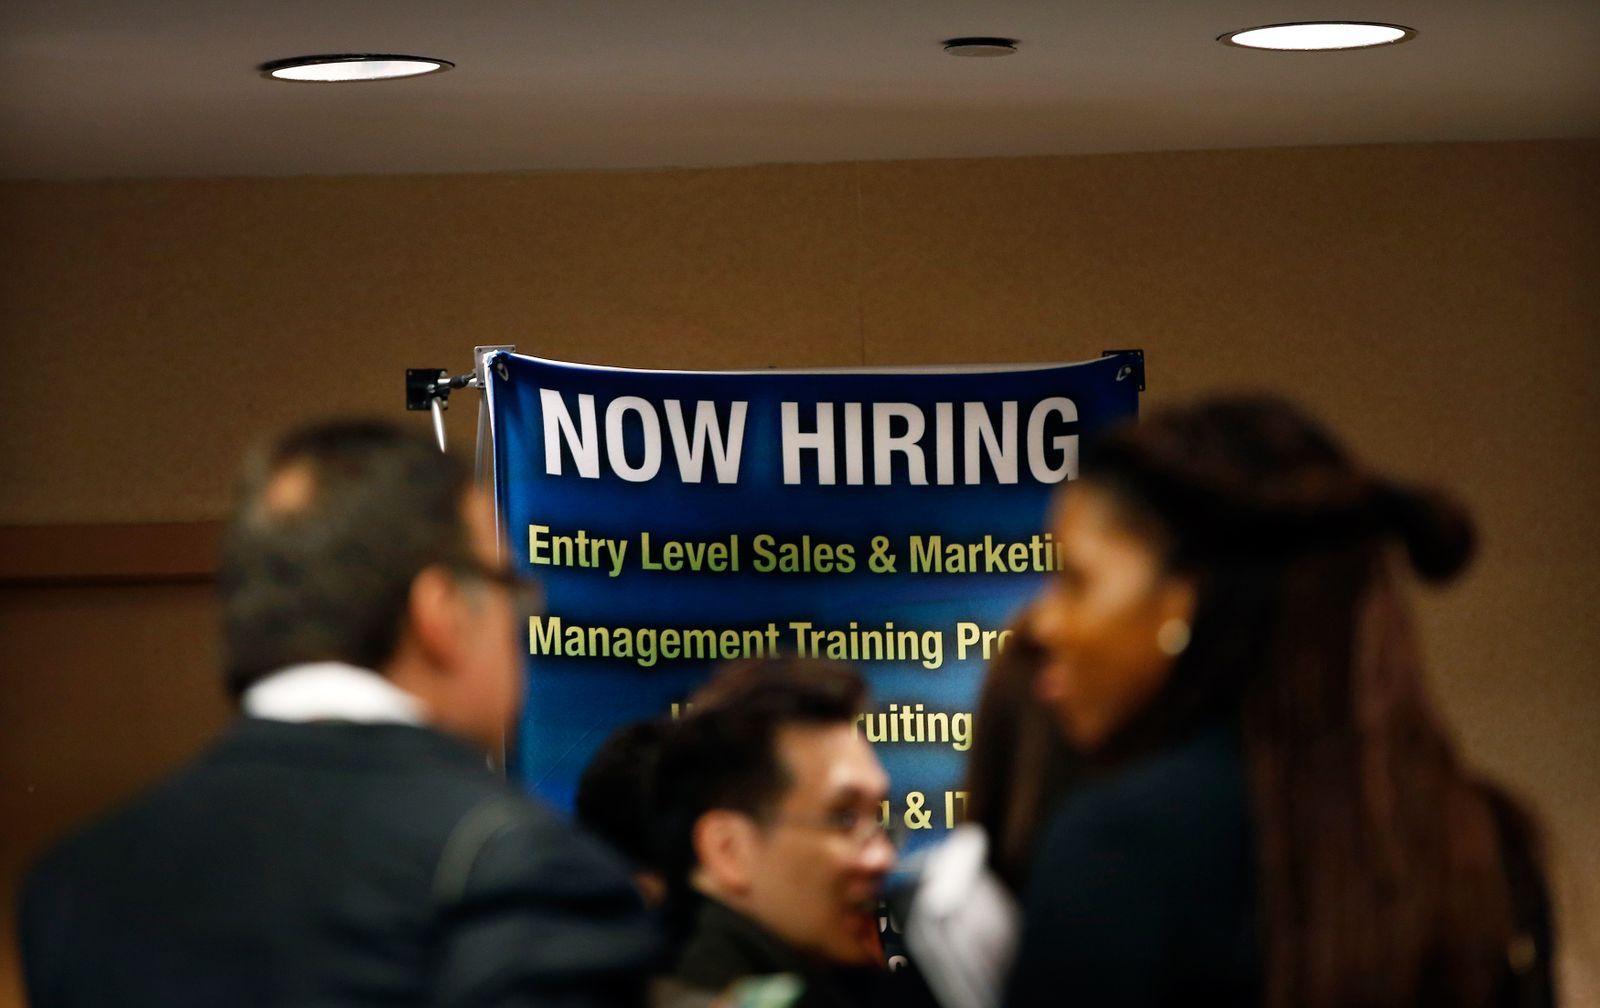 Arbeitslosigkeit / USA / Arbeitsmarkt / Arbeitslos / Konjunktur